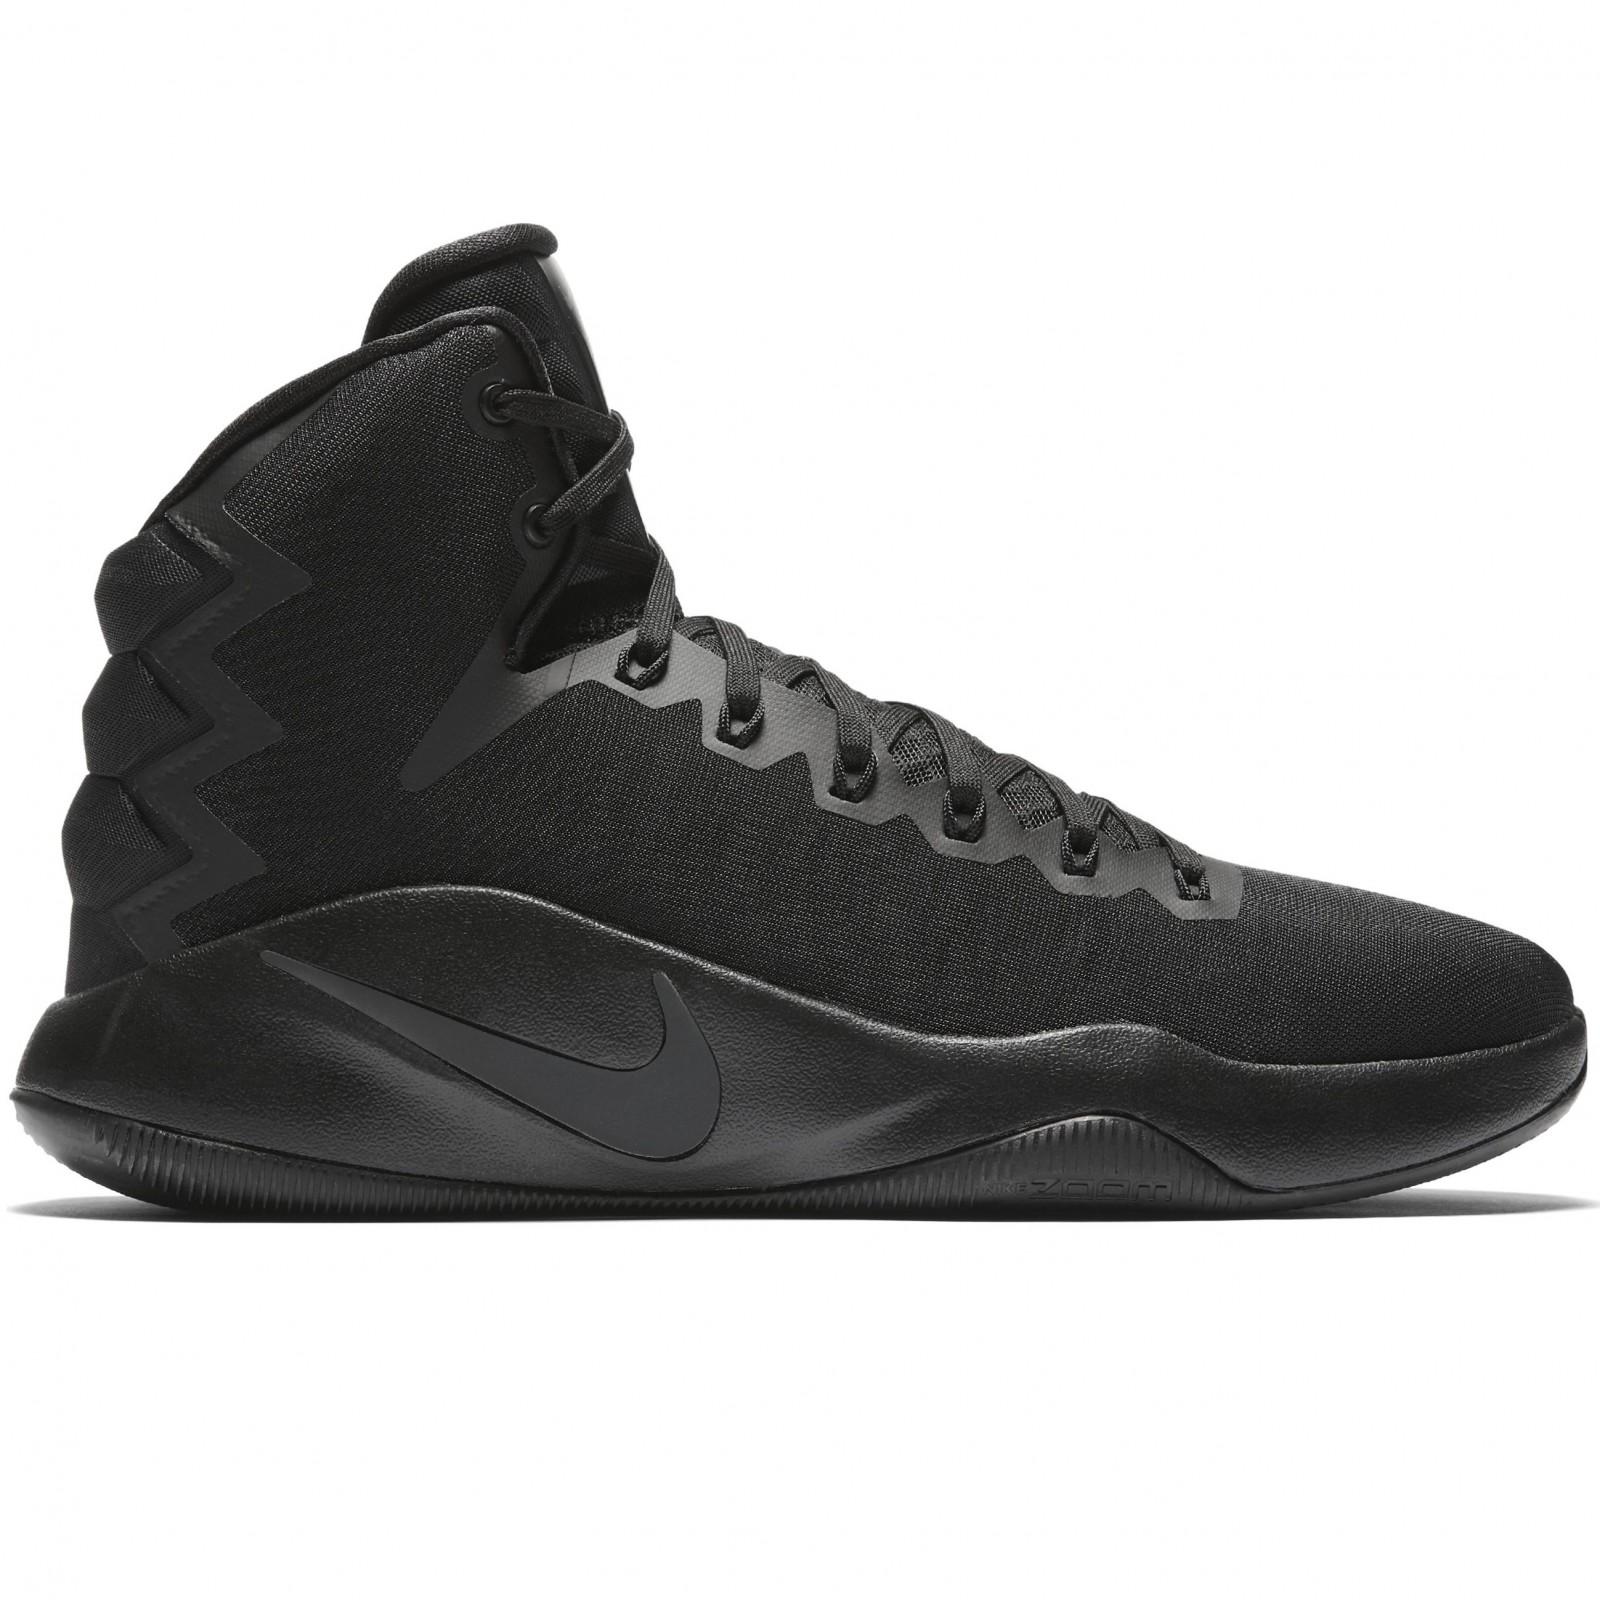 2db7b37a0b2 Pánské basketbalové boty Nike HYPERDUNK 2016